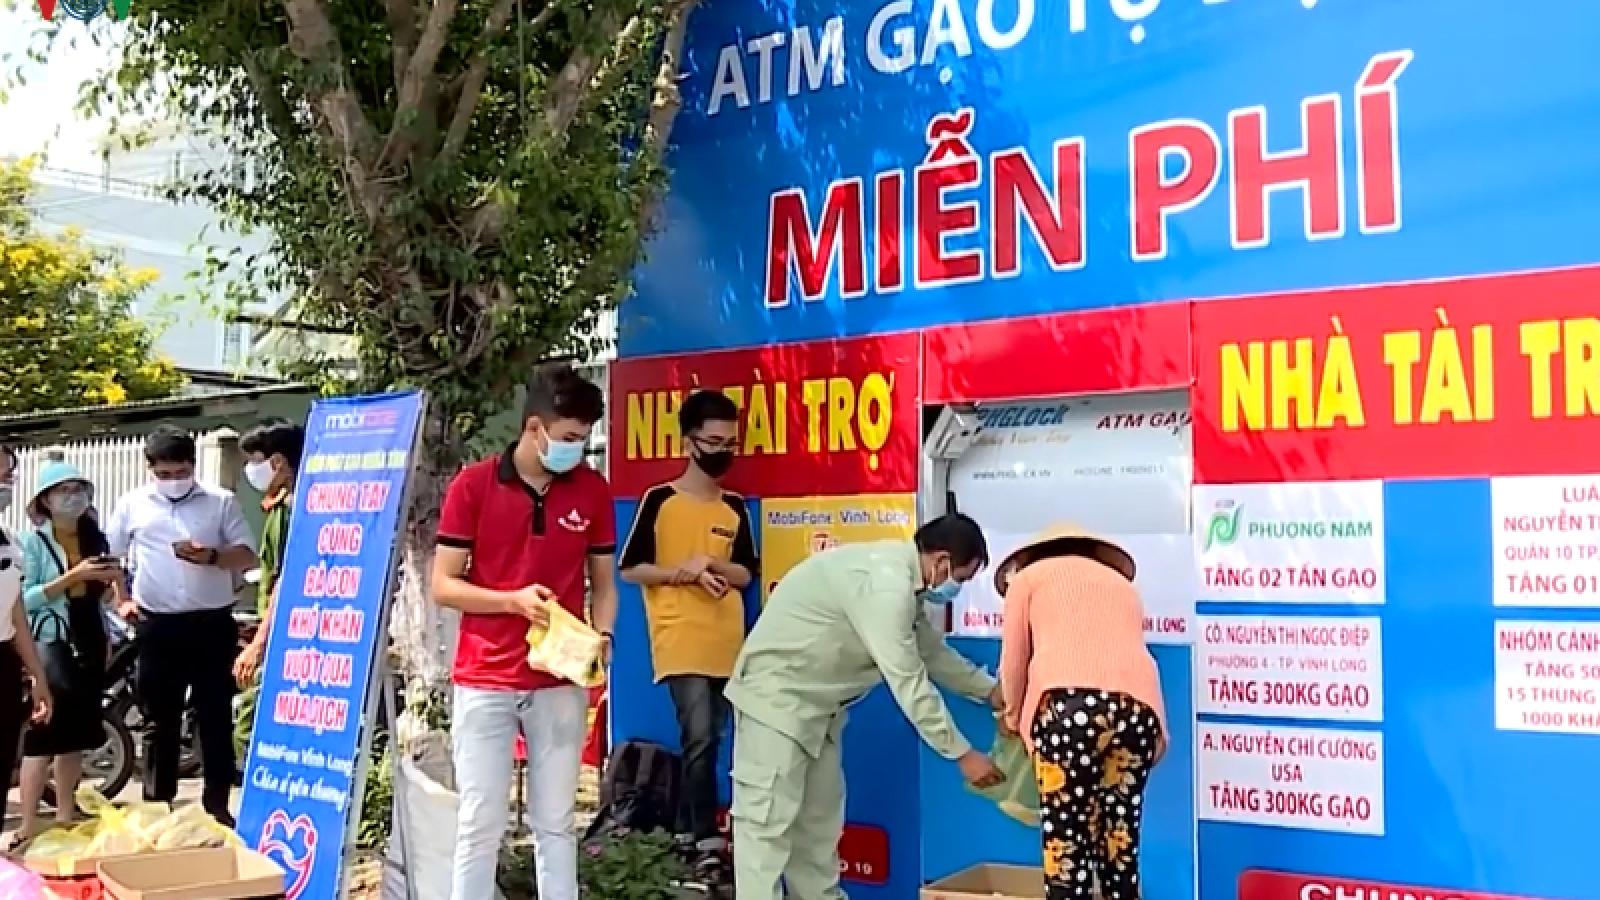 Công an tỉnh Vĩnh Long đưa máy ATM gạo vào hoạt động